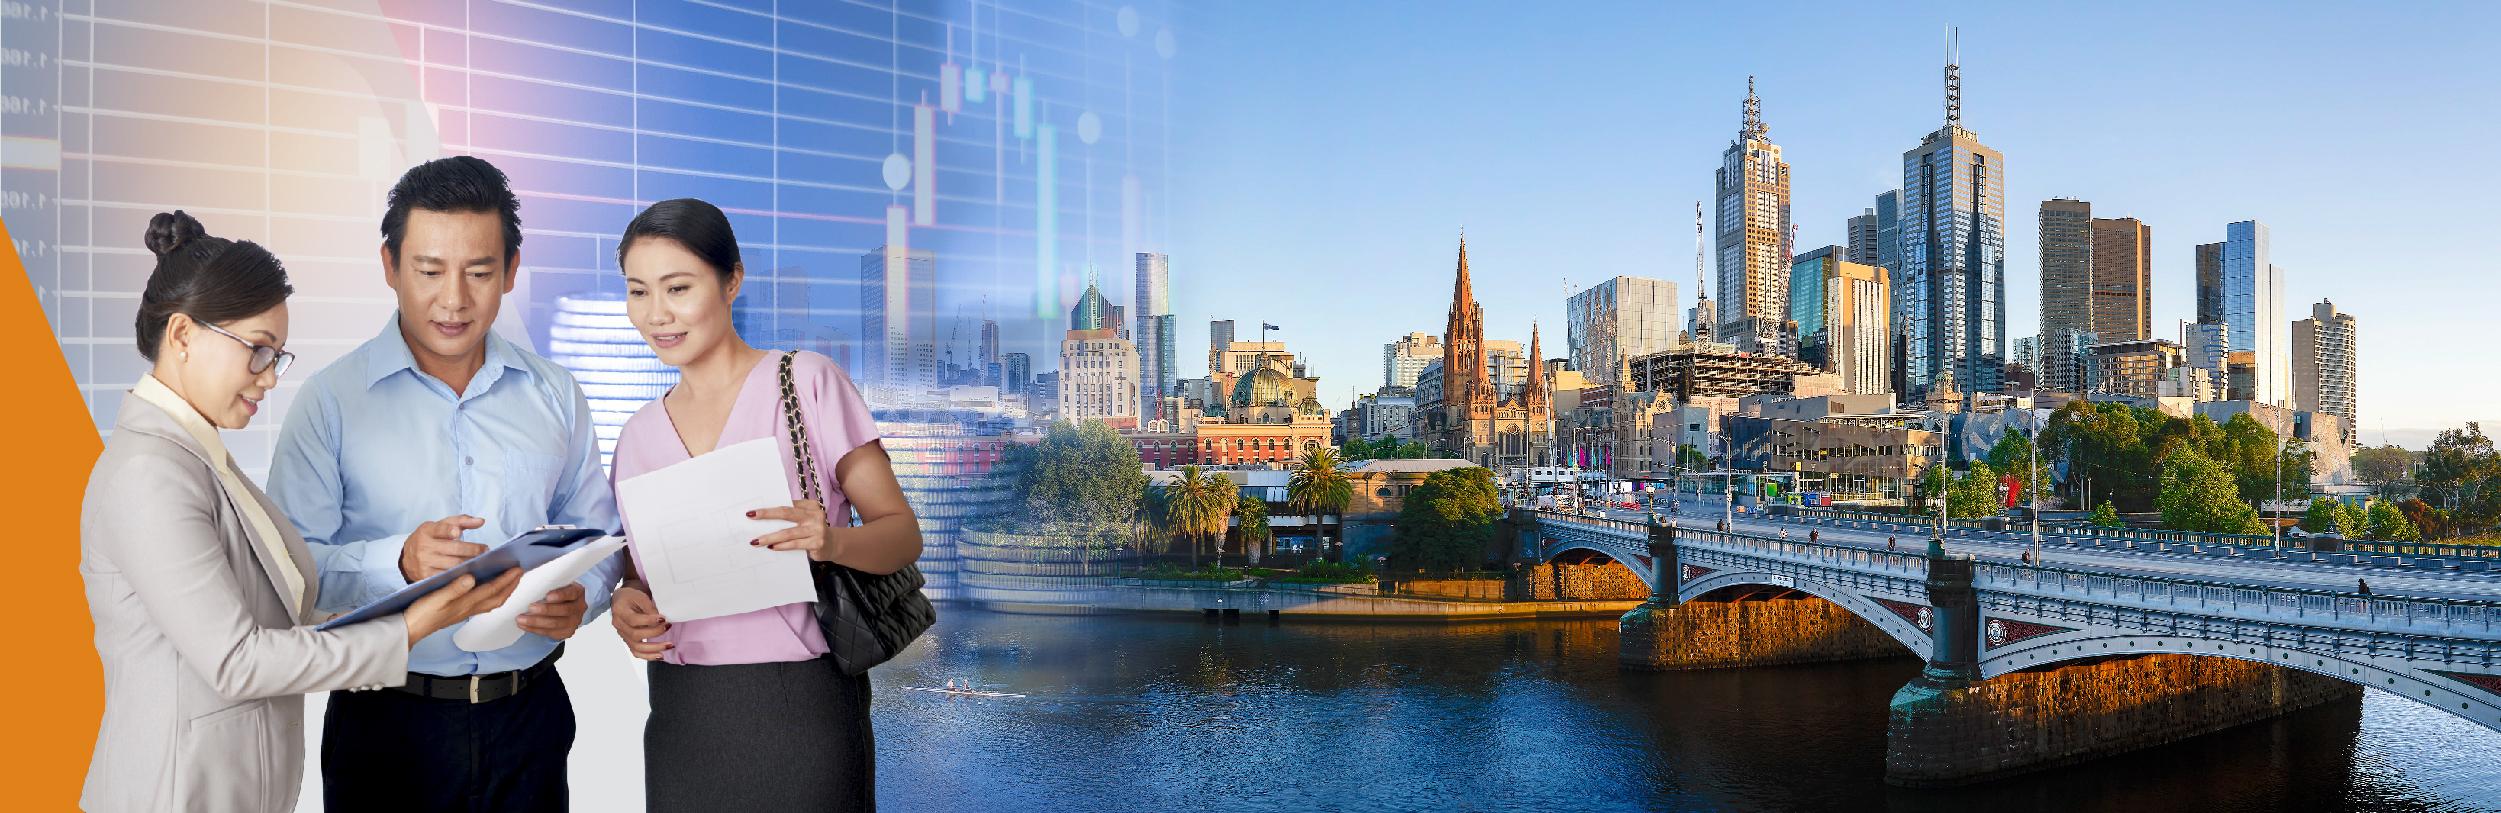 Định cư Úc theo diện Đầu tư trọng yếu Visa 188C & 888C Áp dụng từ ngày 01/07/2021